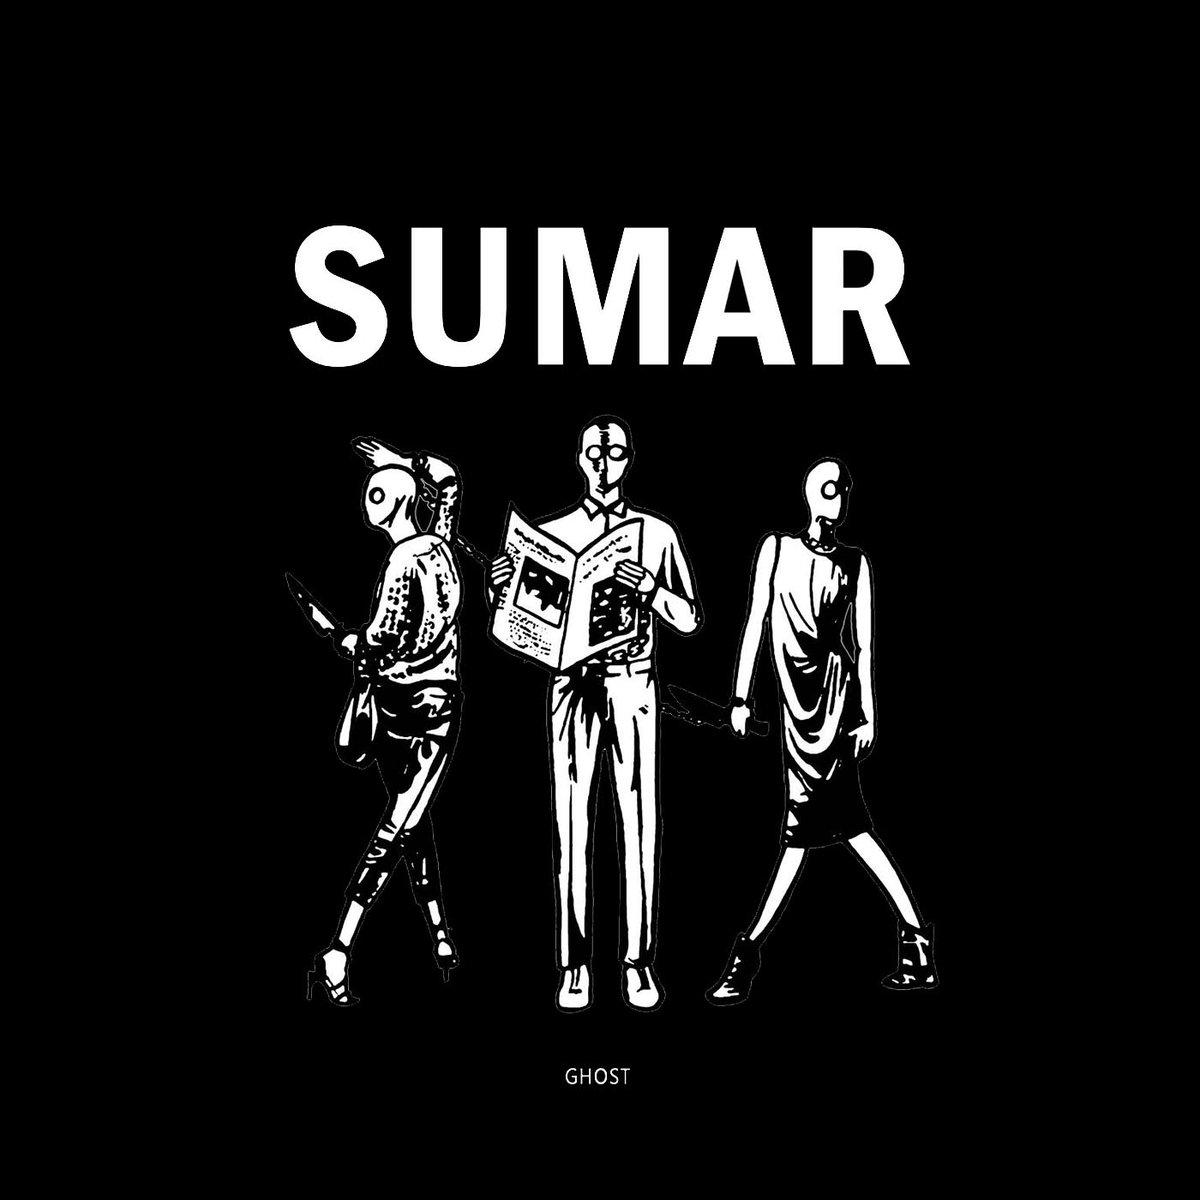 sumar palembang ghost